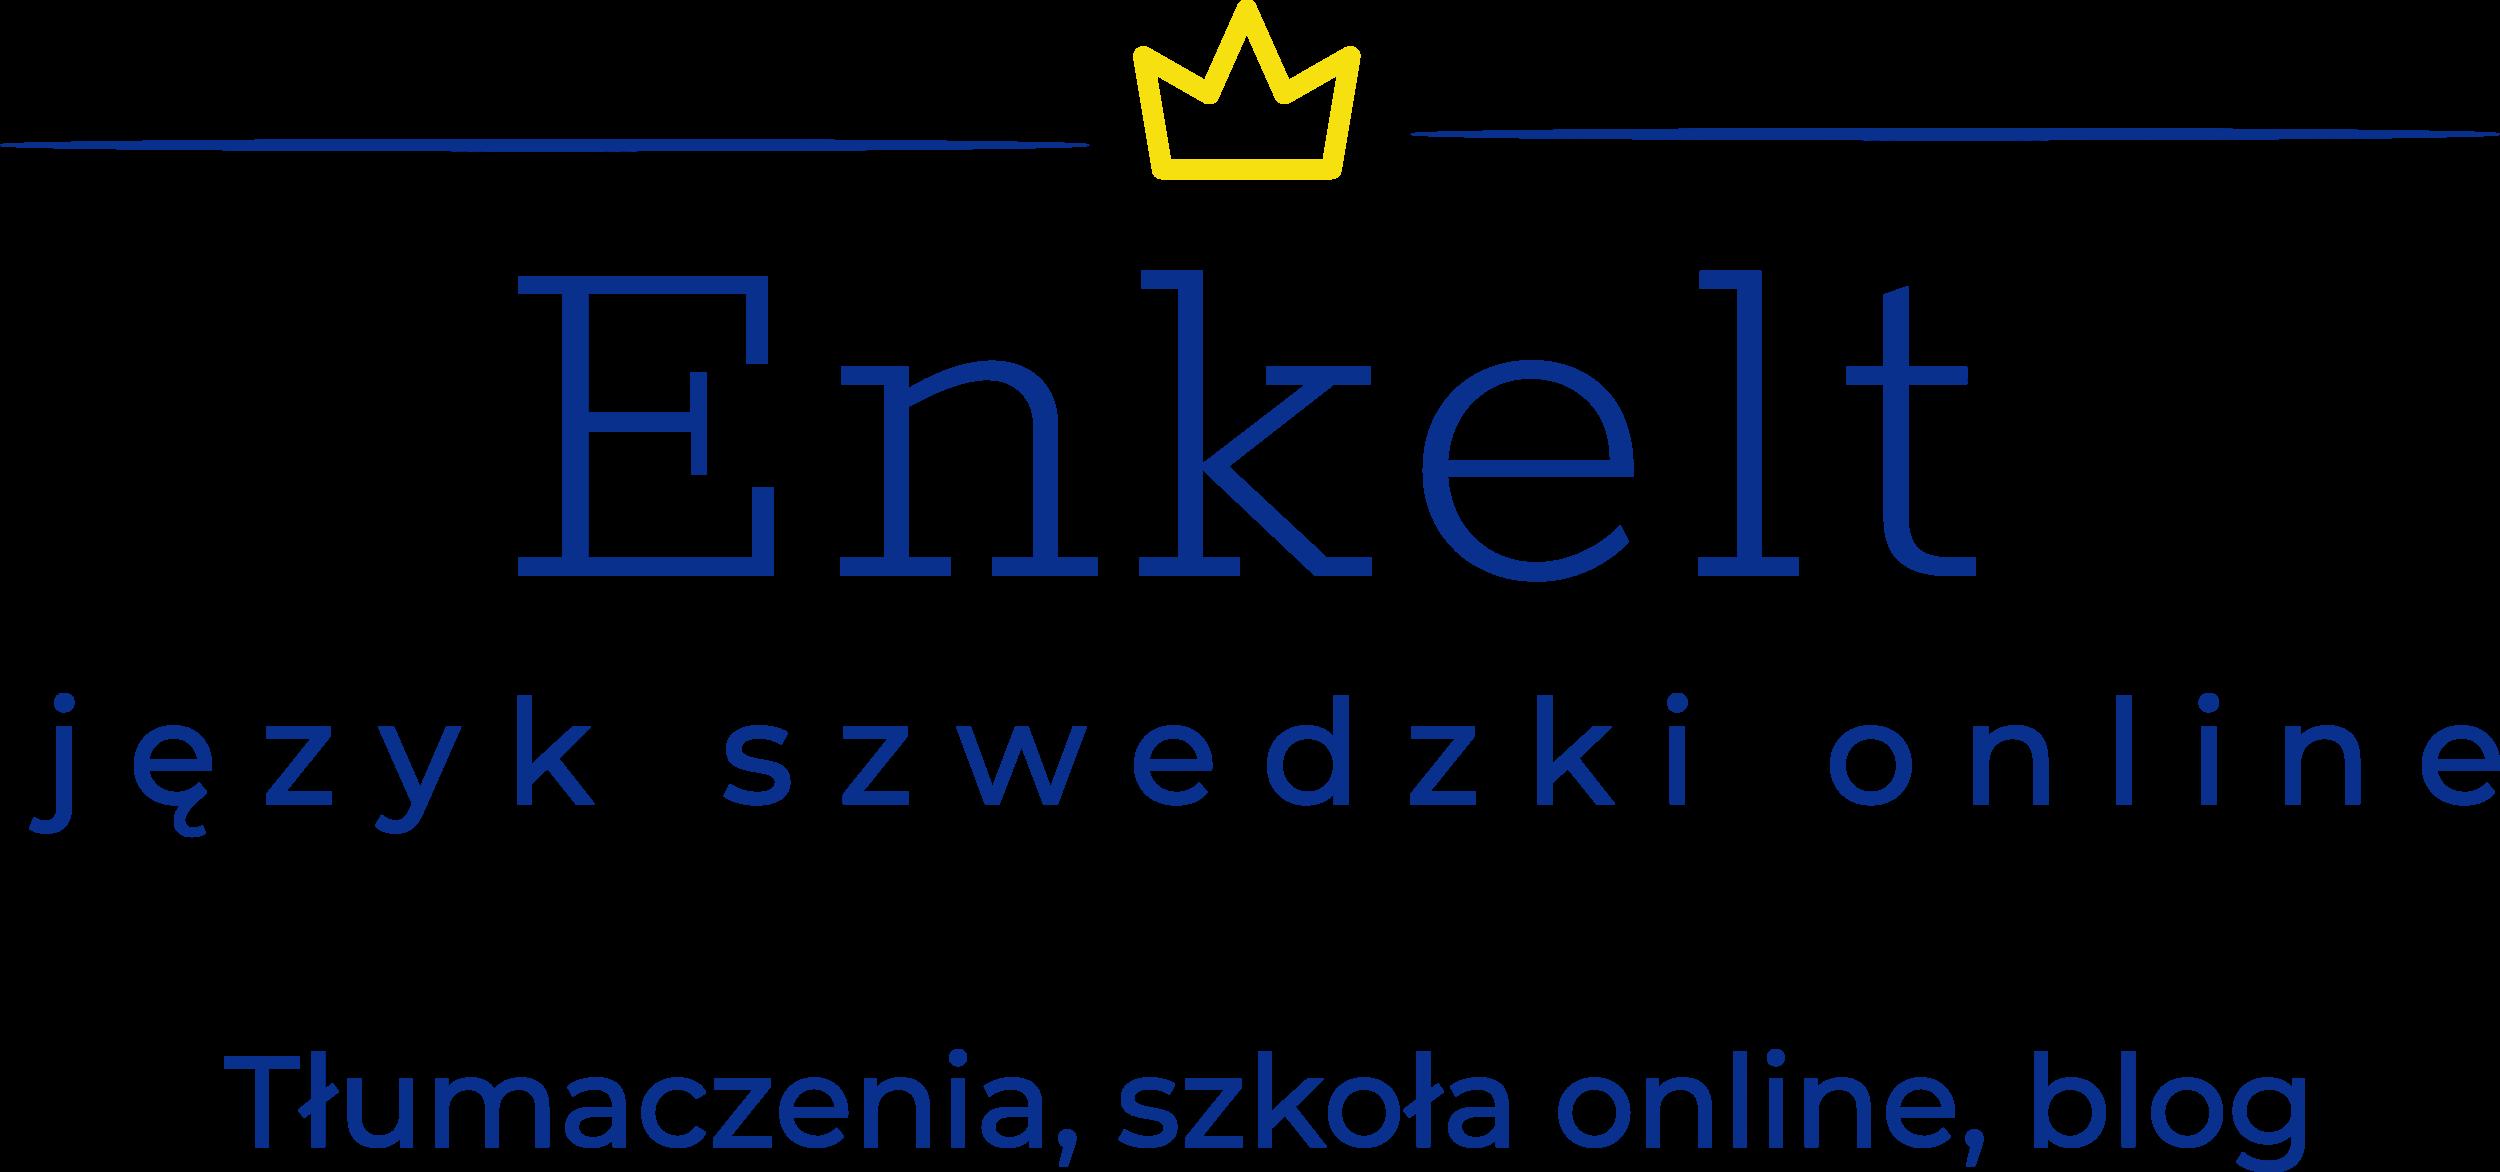 Język szwedzki online